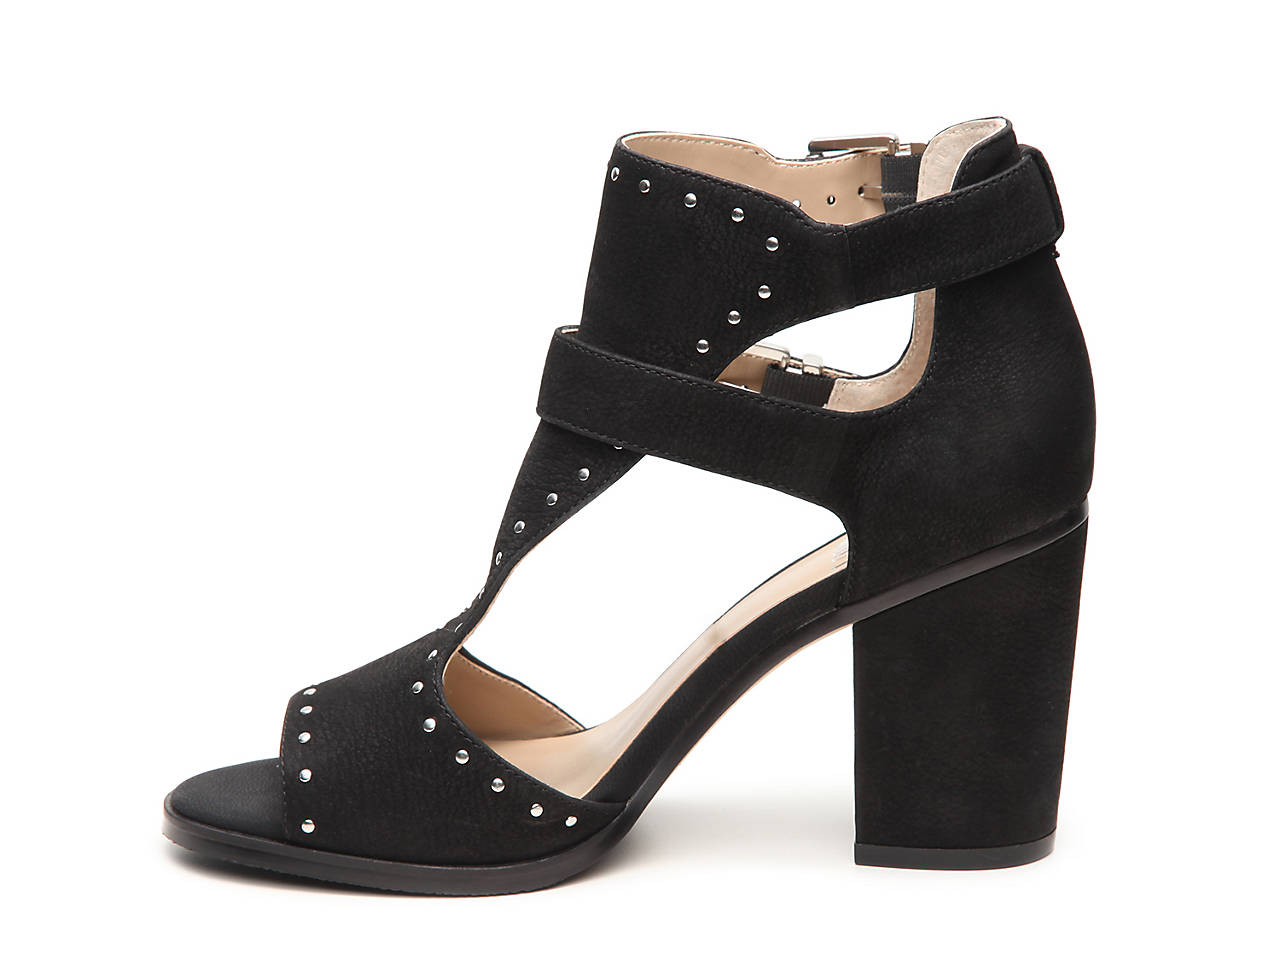 3107786c181 Vince Camuto Jatola Sandal Women s Shoes